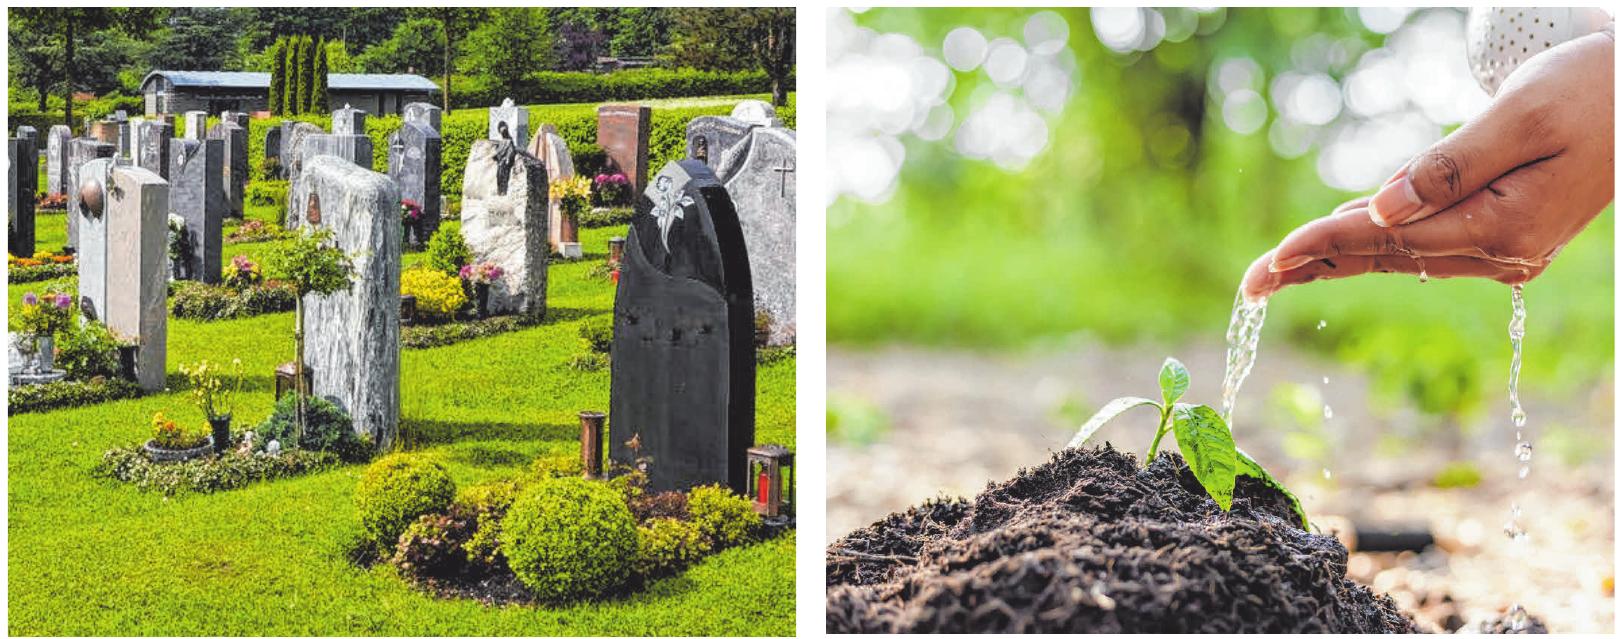 Friedhöfe sollen sich in den kommenden Jahren in naturnahe Parks oder gar Wälder verwandeln. FOTOS: CB